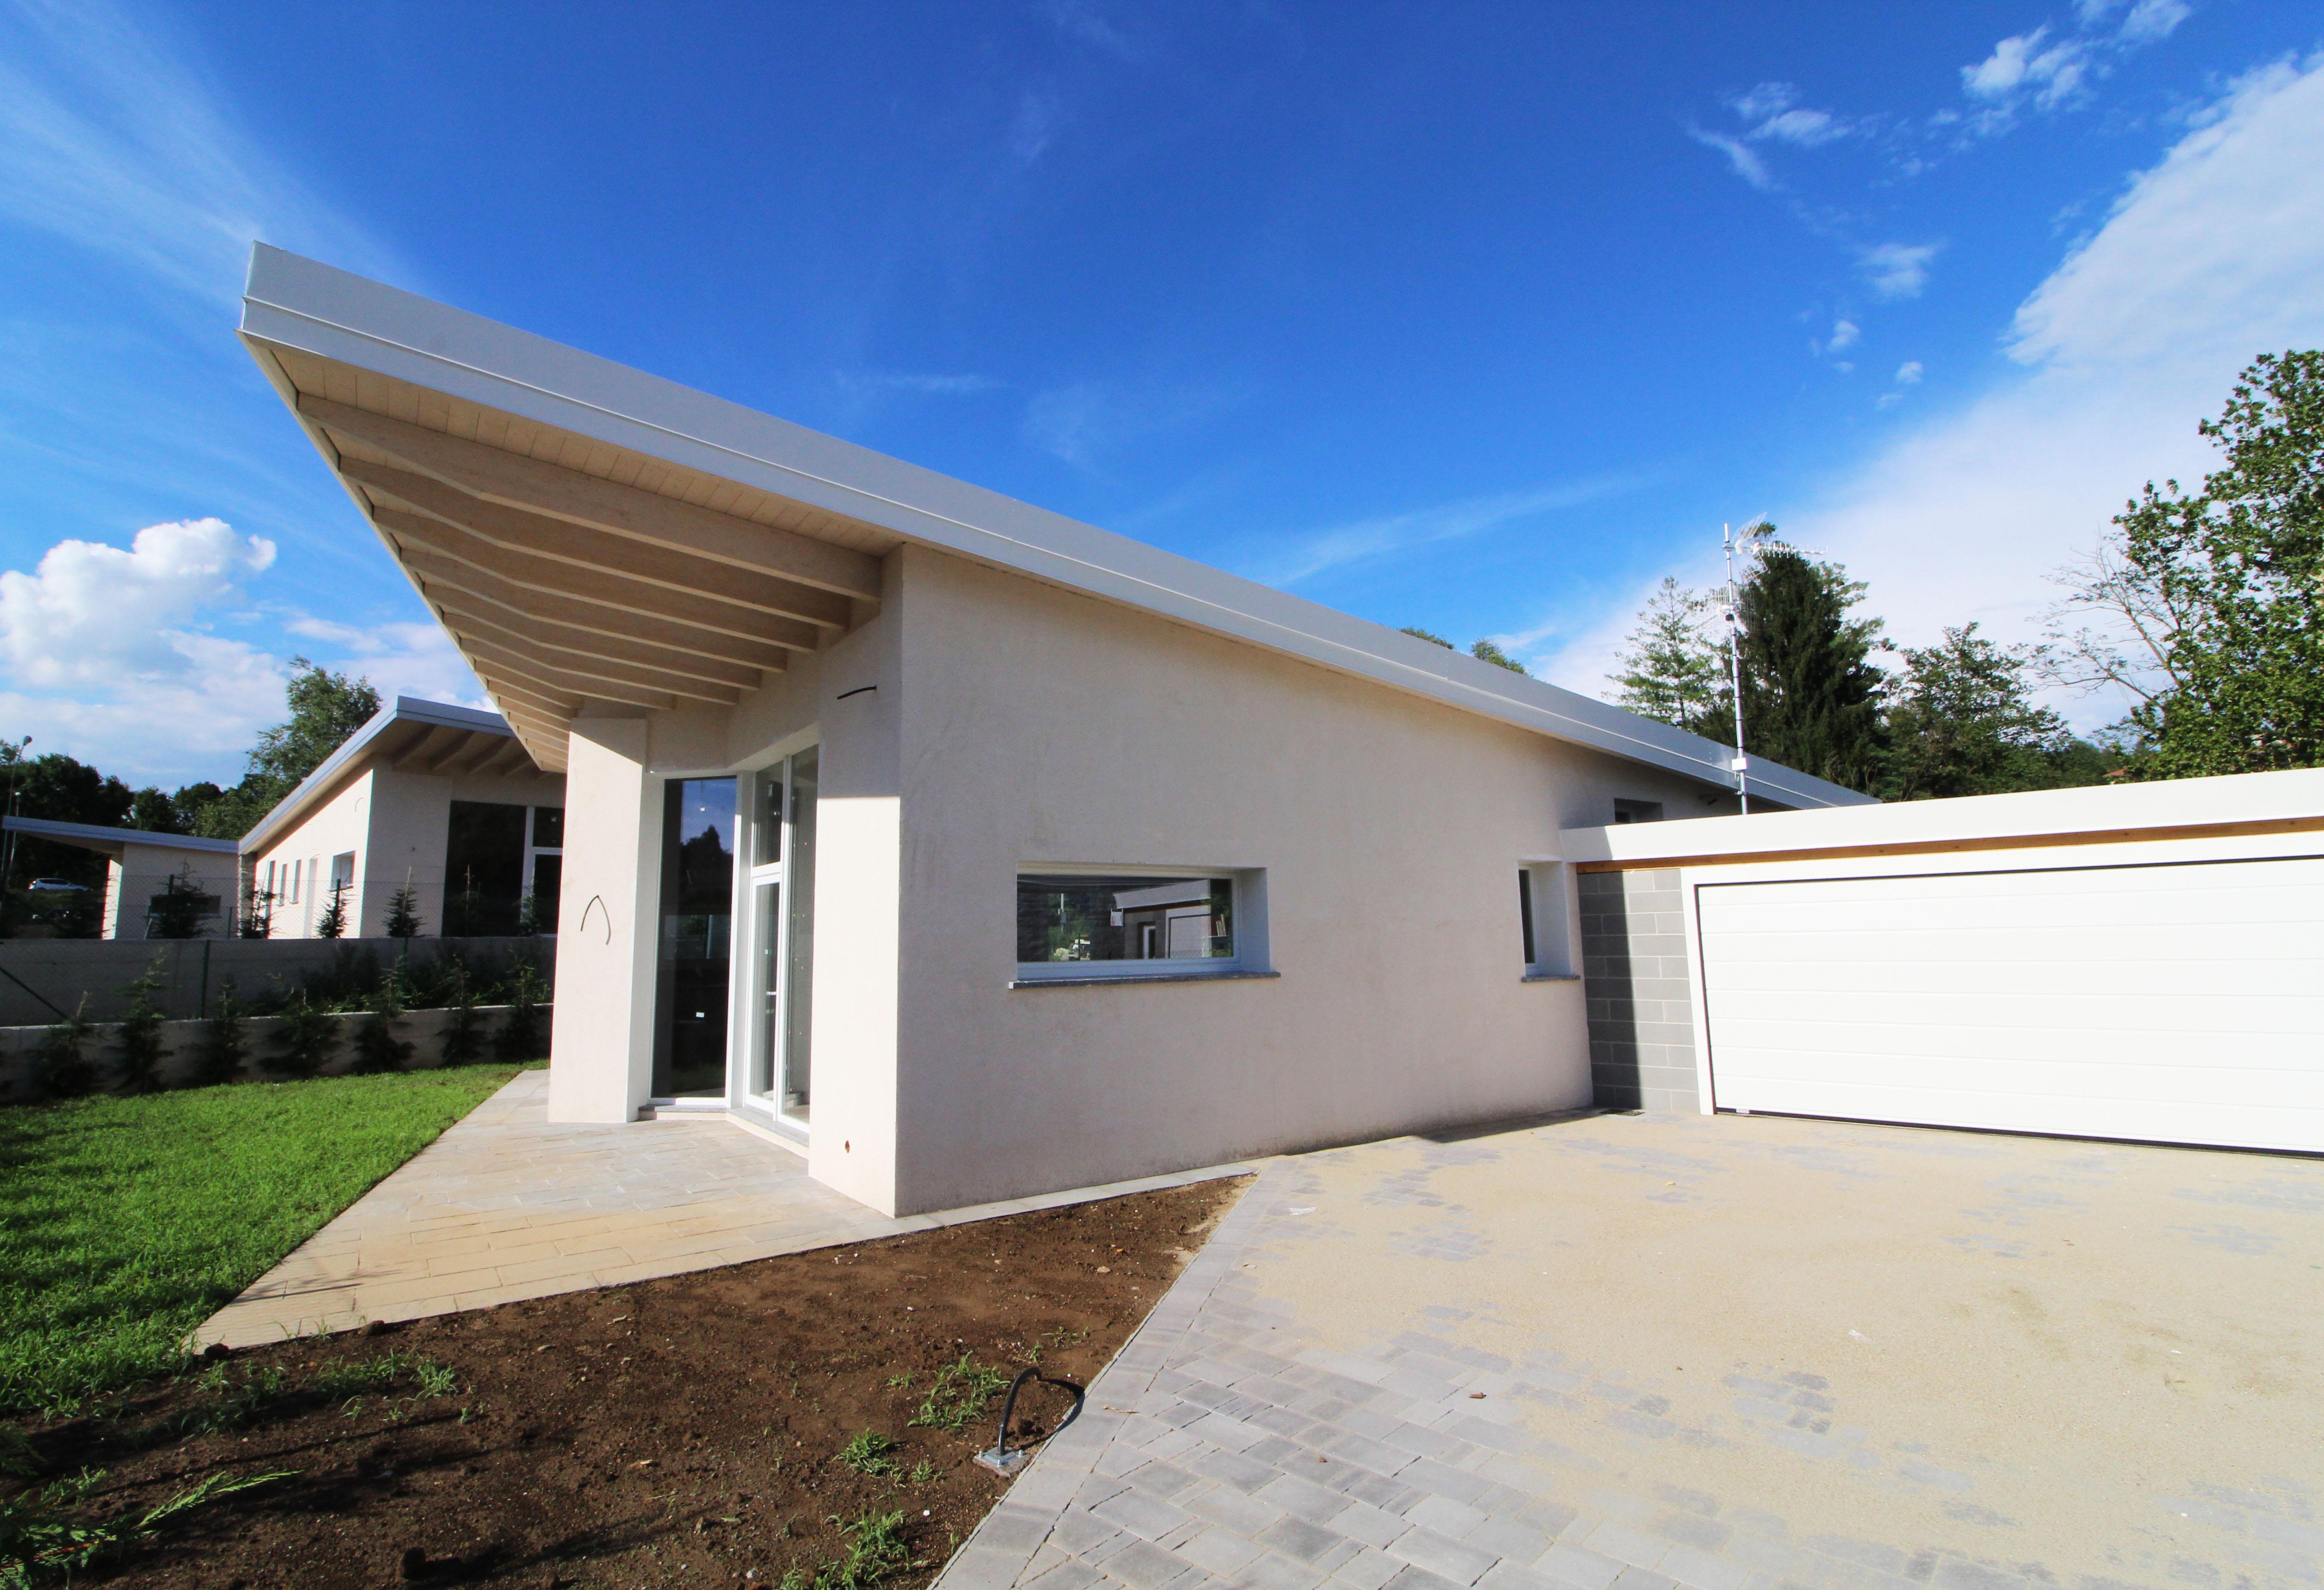 Villa moderna su unico piano nuova costruzione for Progetto ville moderne nuova costruzione